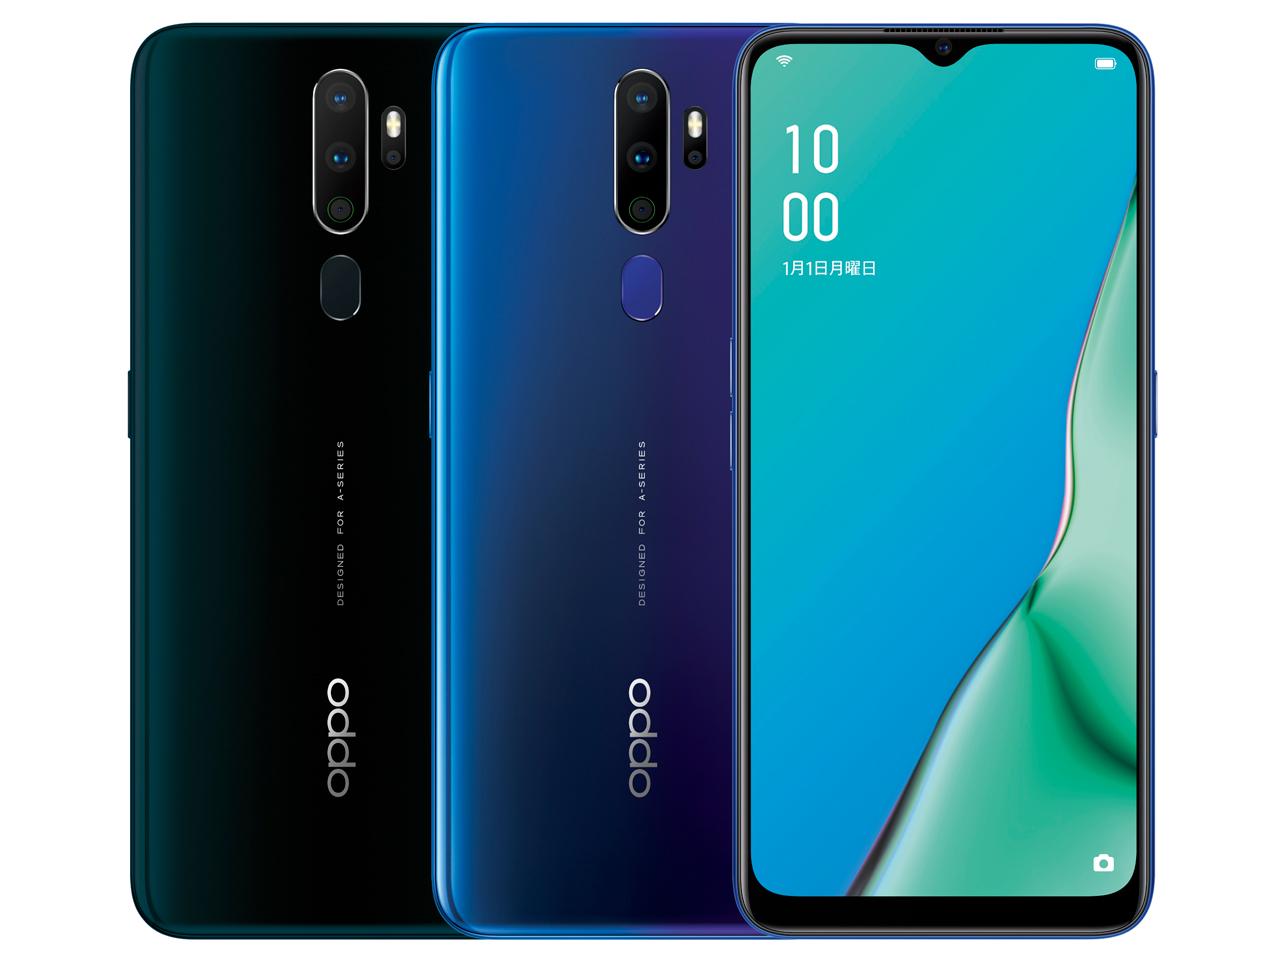 ひかりTVショッピングでOPPO A5 2020が実質2.1万、回線セットだと5000円で買える。6.5インチ/SD665/4GB/64GB/ColorOS 6.0/5,000mAh/指紋・顔認証。